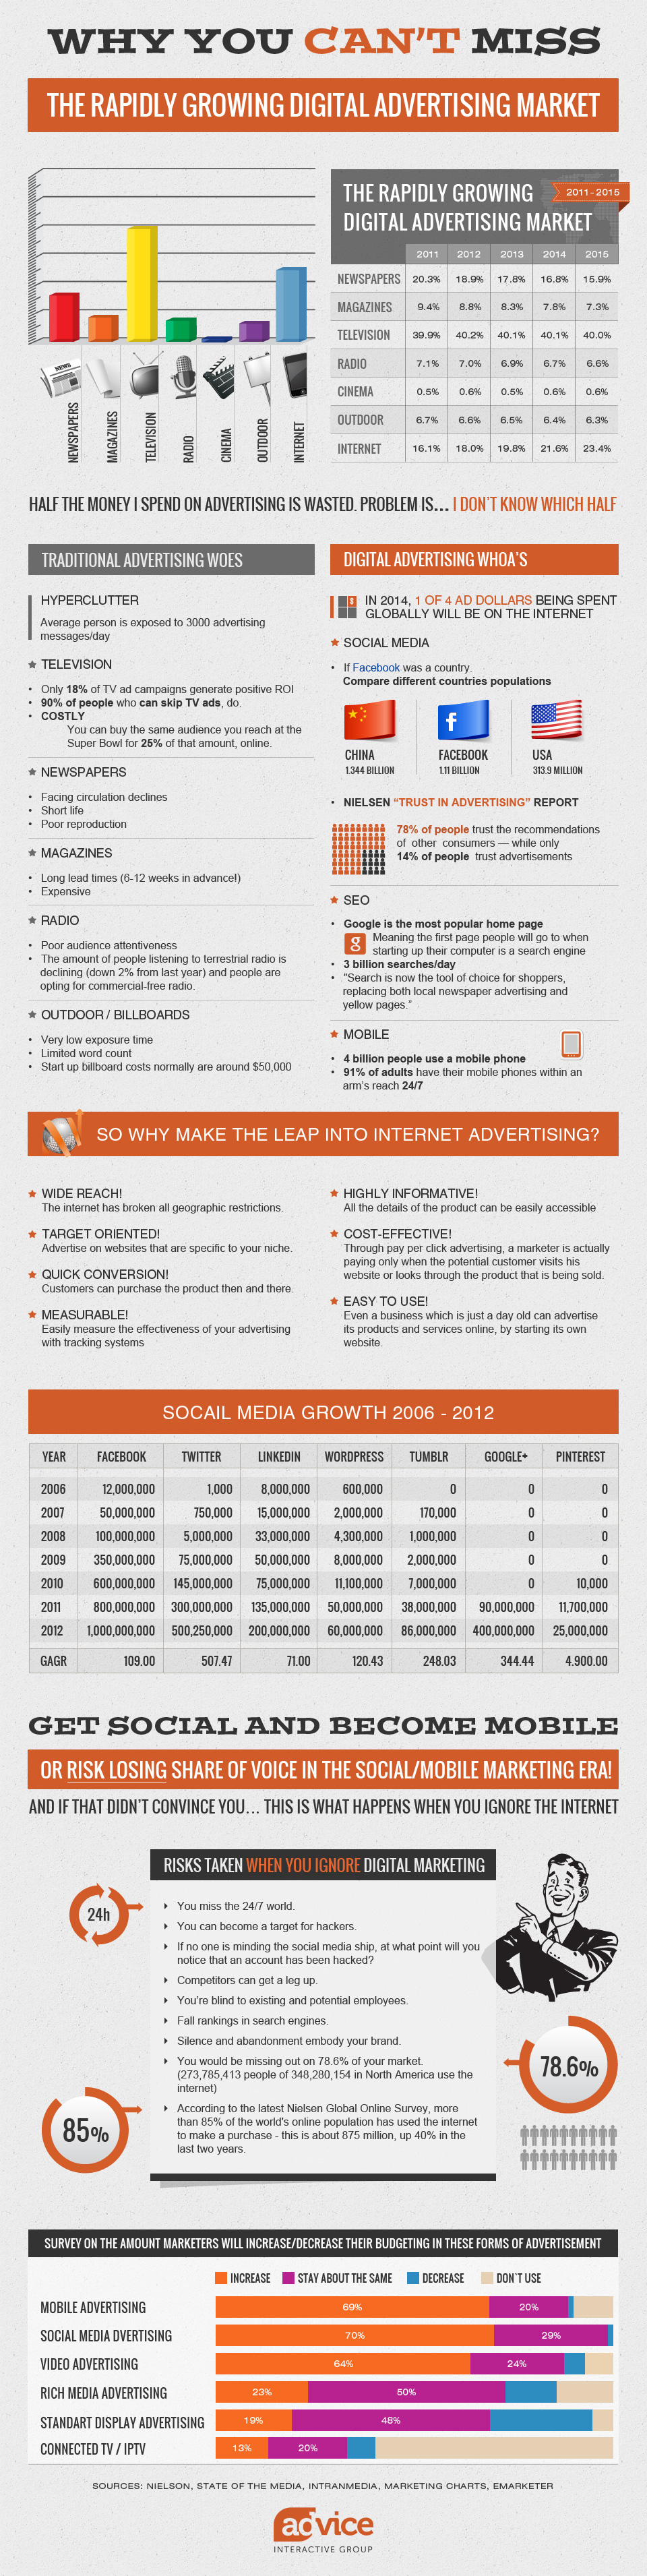 Online-Marketing Fakten und Wachstum bis 2015